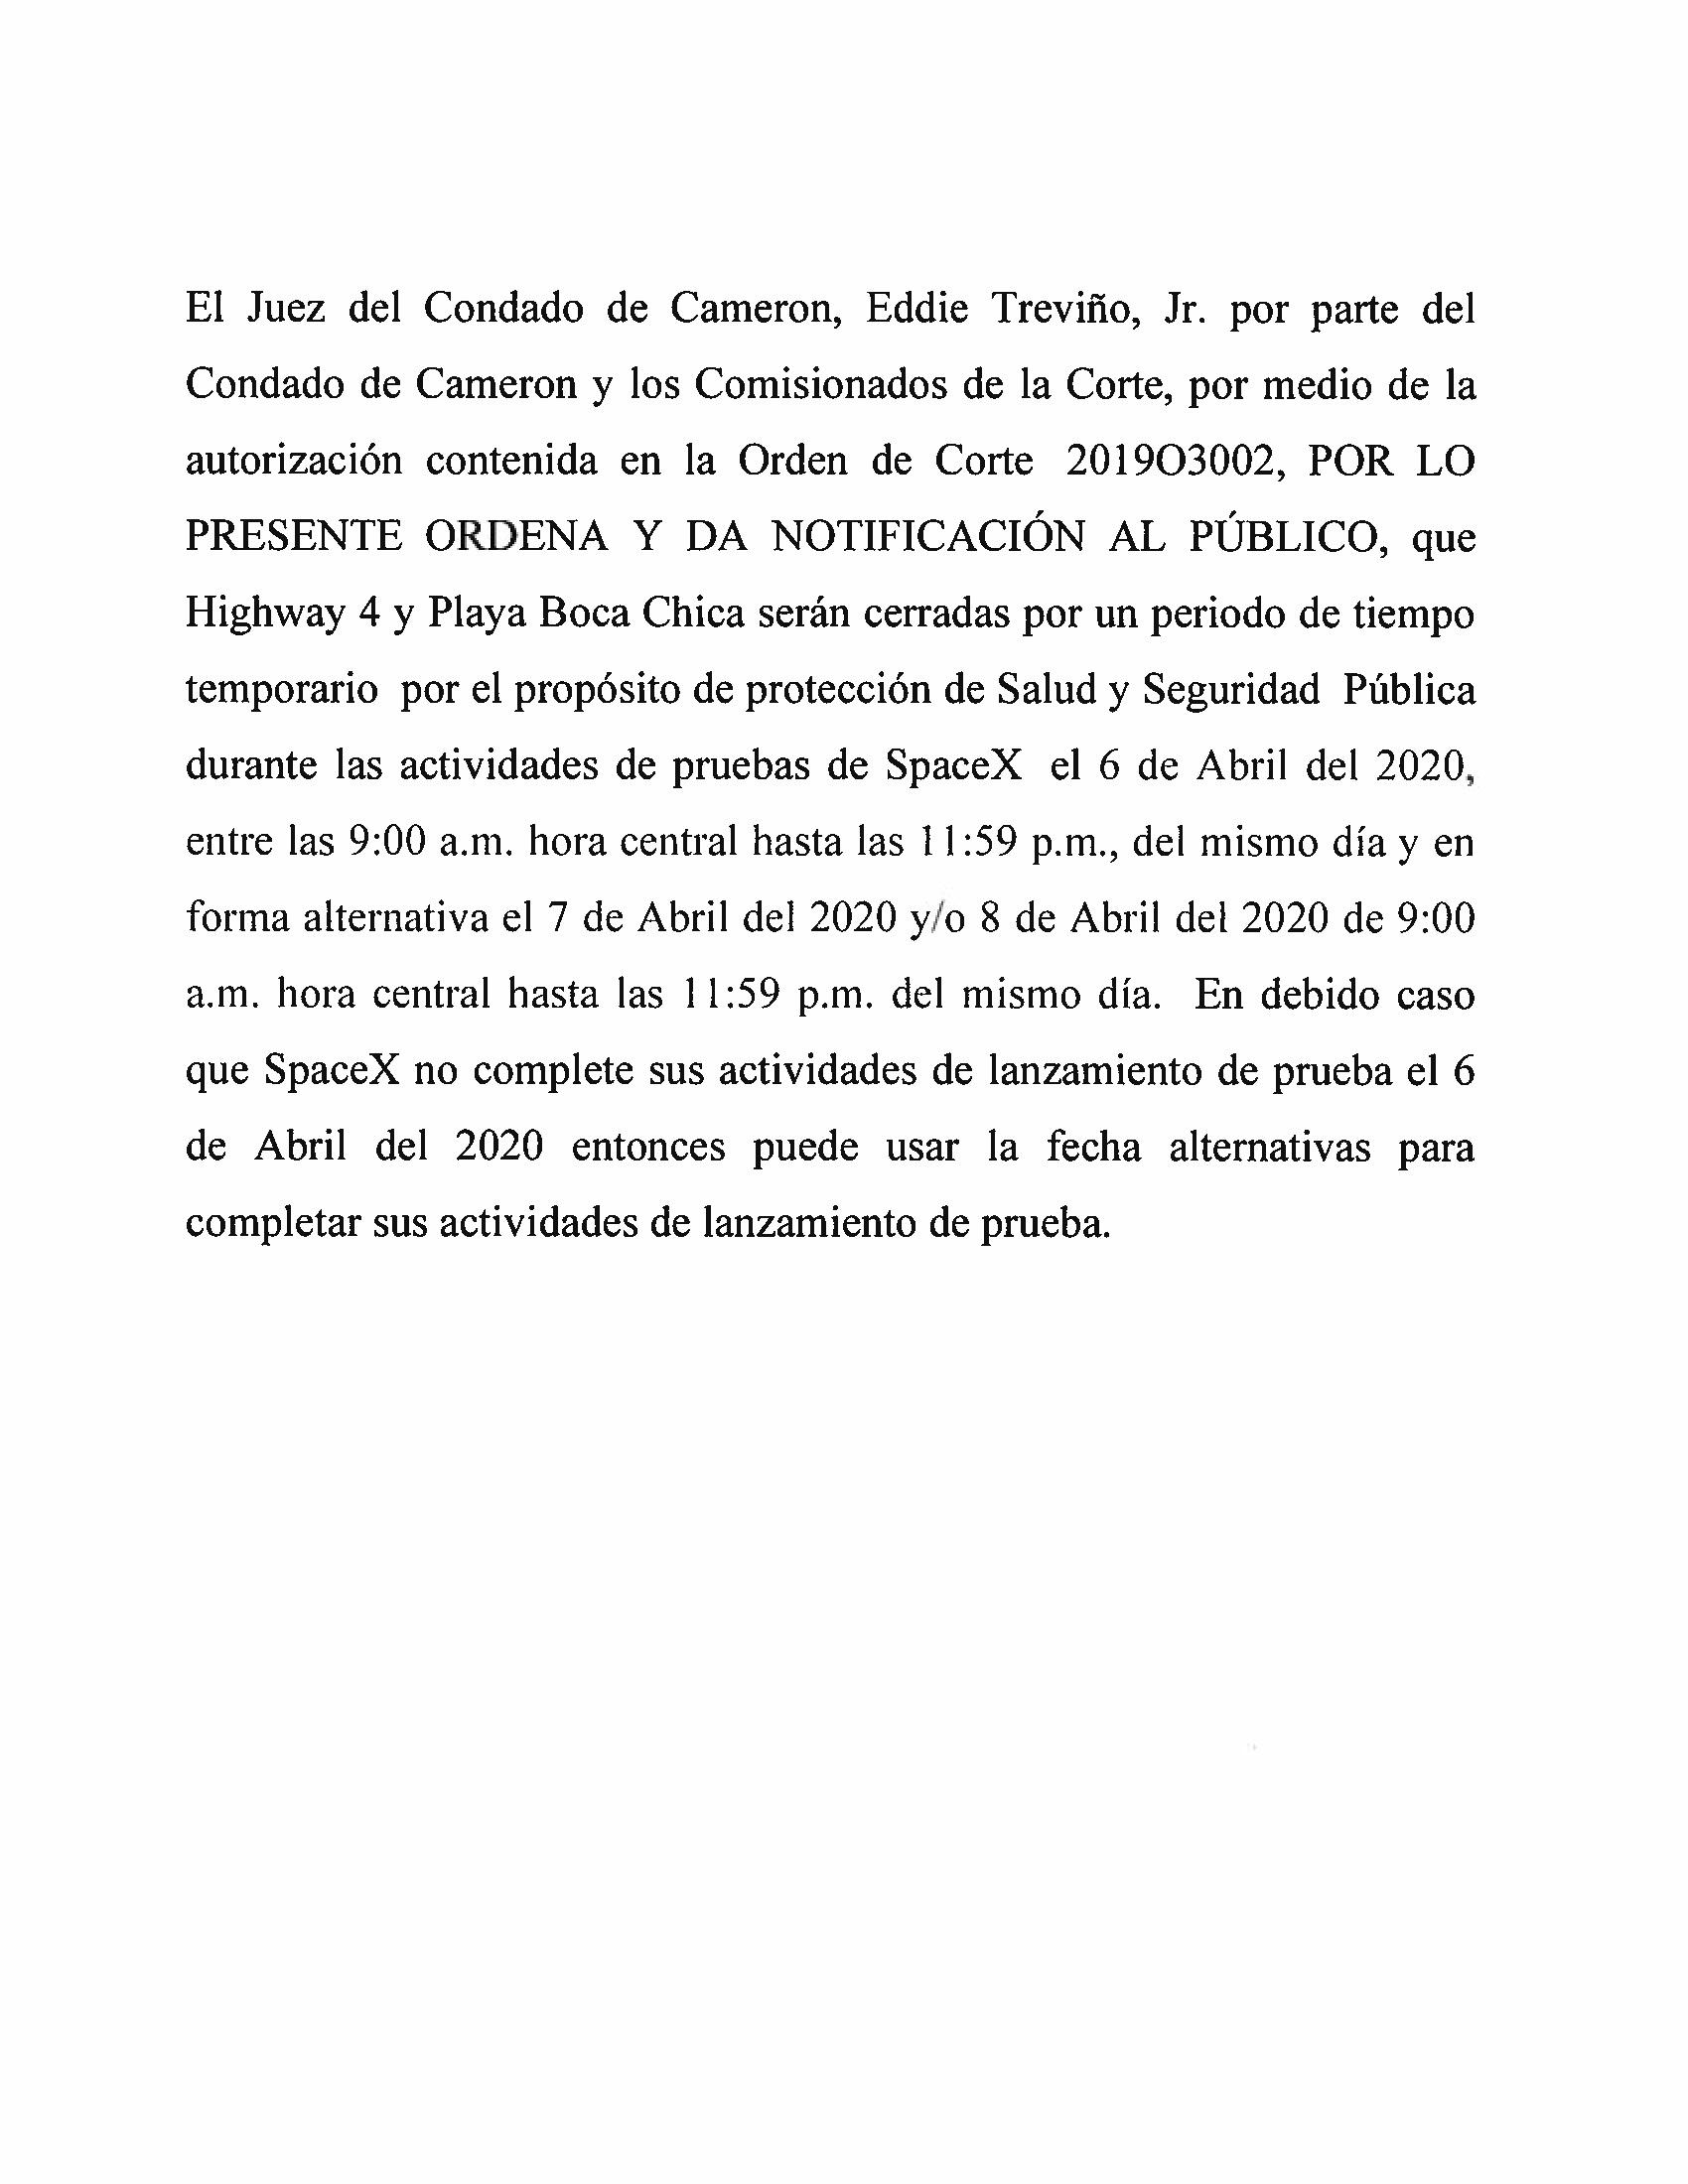 Order In Spanish 04.06.20